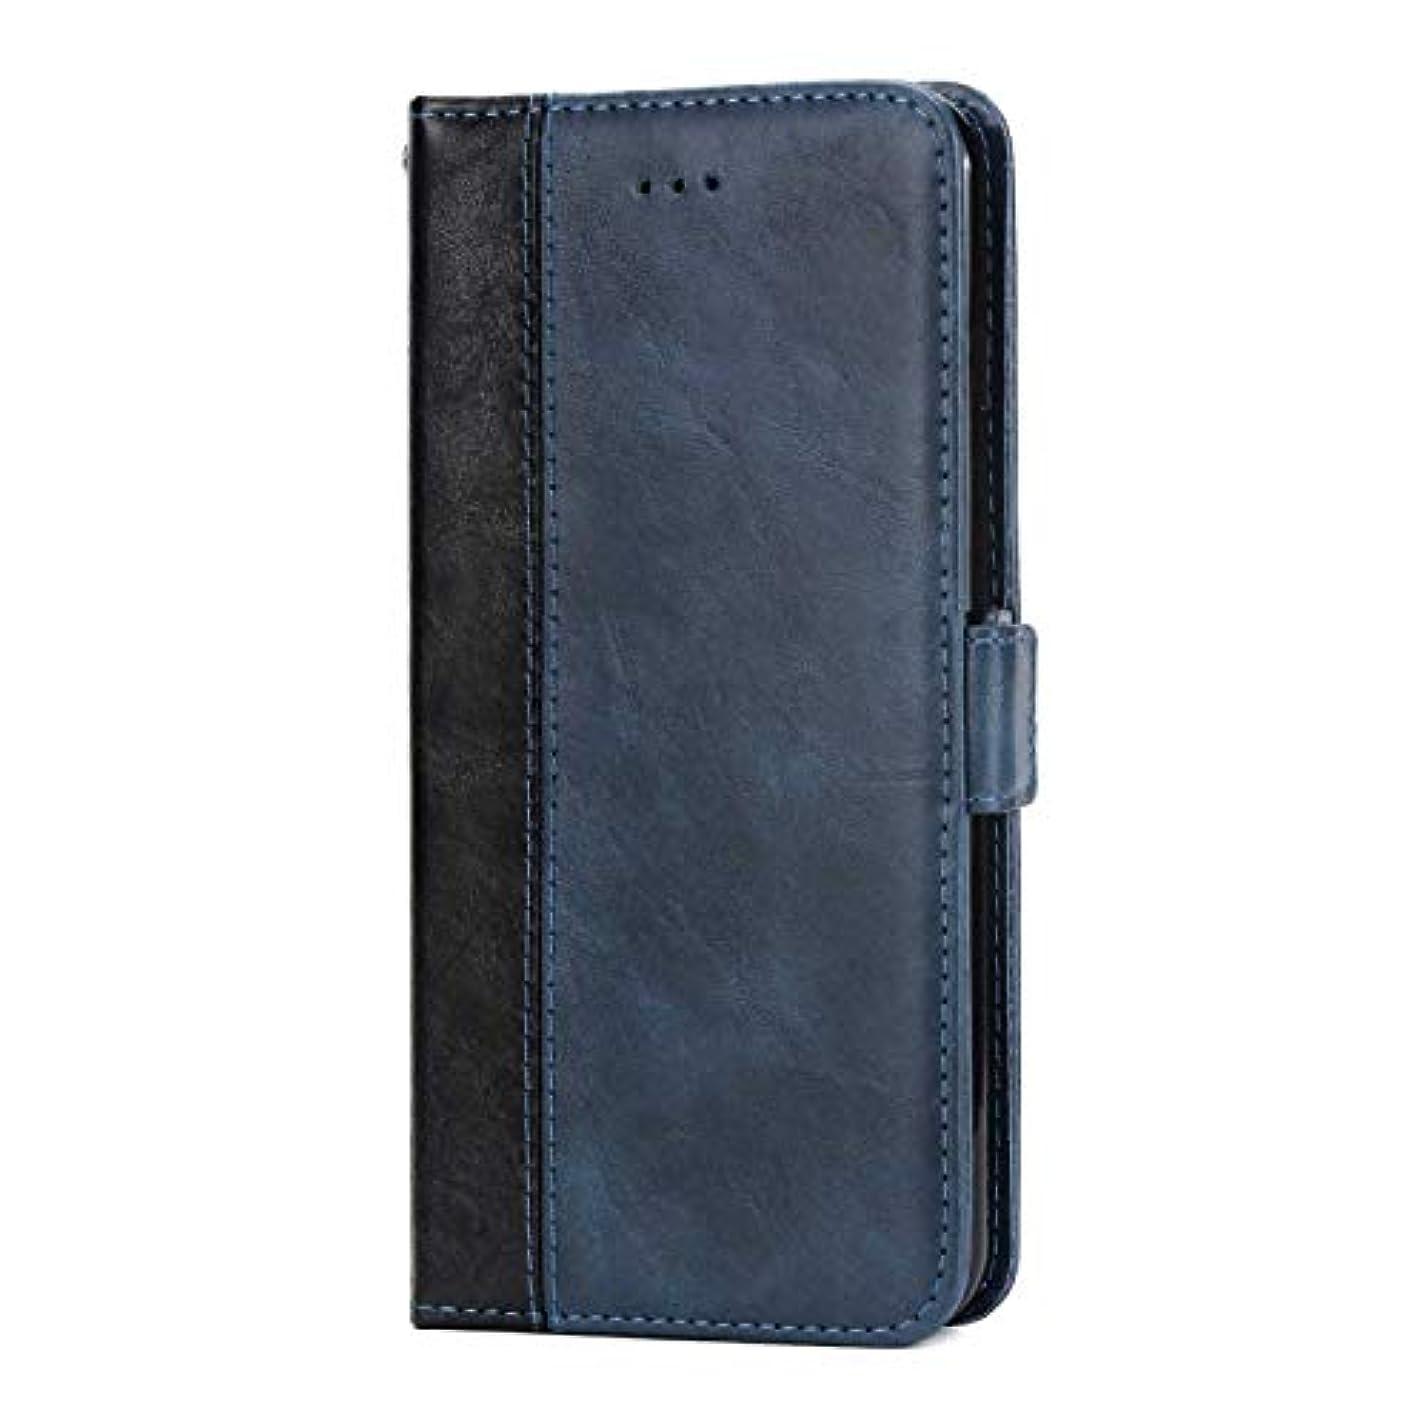 渇き父方の比類のないOMATENTI Huawei P20 Pro 手帳ケース マグネット式 カバー Huawei P20 Pro 高級PUレザー カードポケット スタンド機能 薄型 スマホケース(3-ブルー)